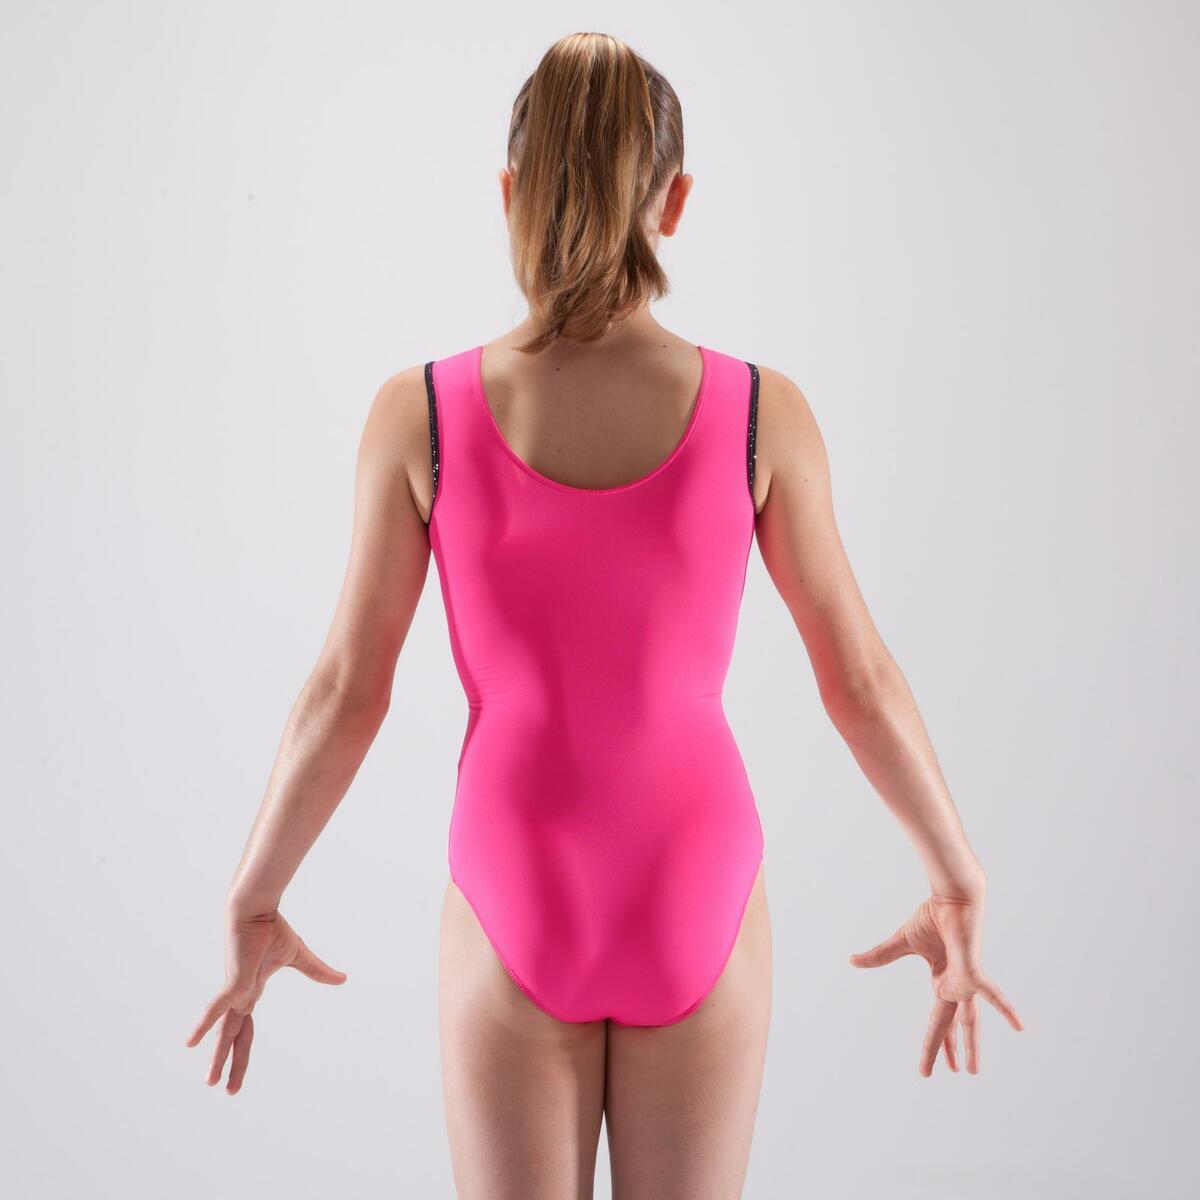 Bild 4 von Gymnastikanzug Turnanzug ärmellos Pailletten rosa